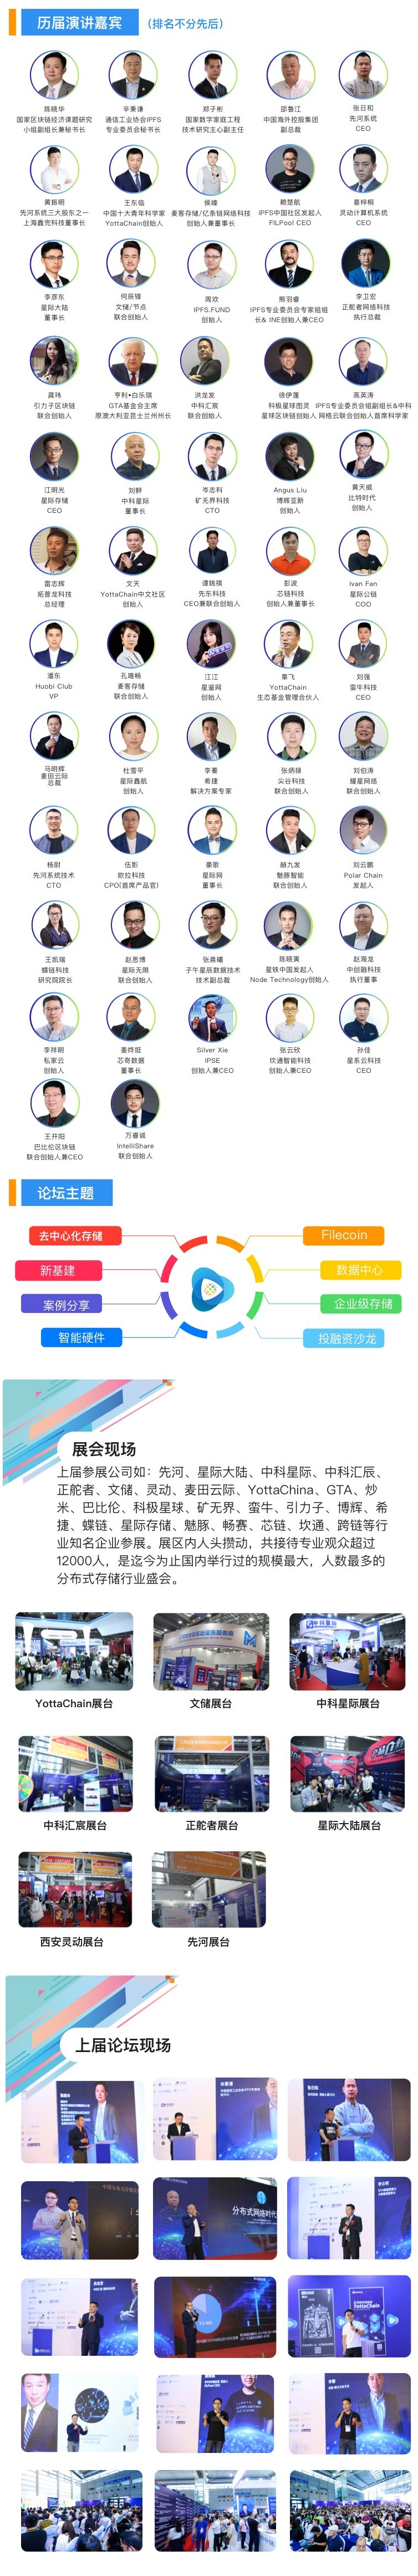 2020第三届深圳分布式存储行业大会暨展览会